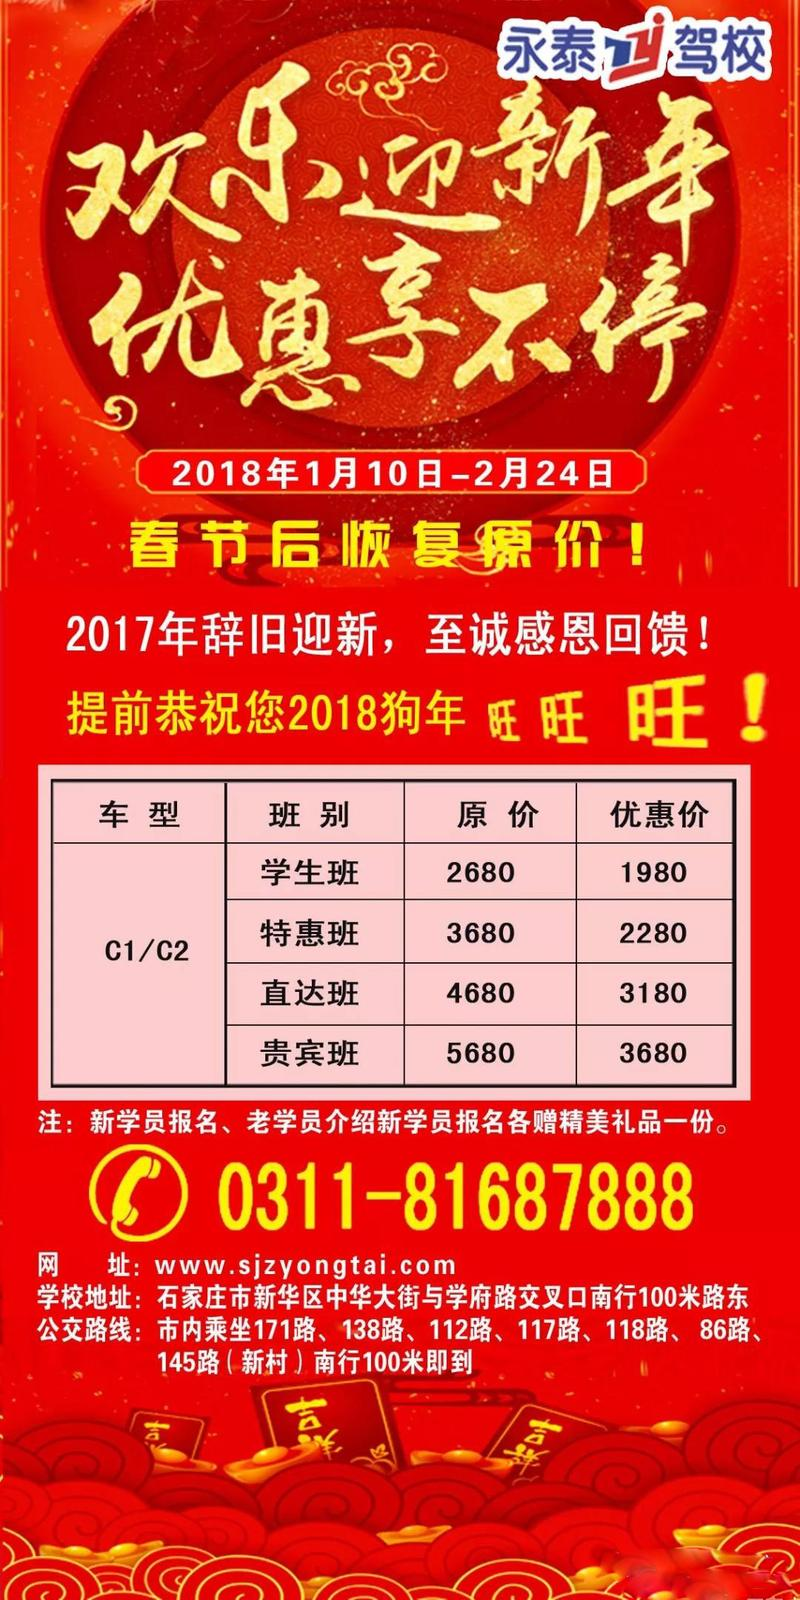 石家庄永泰驾校 欢乐迎新年,优惠享不停。